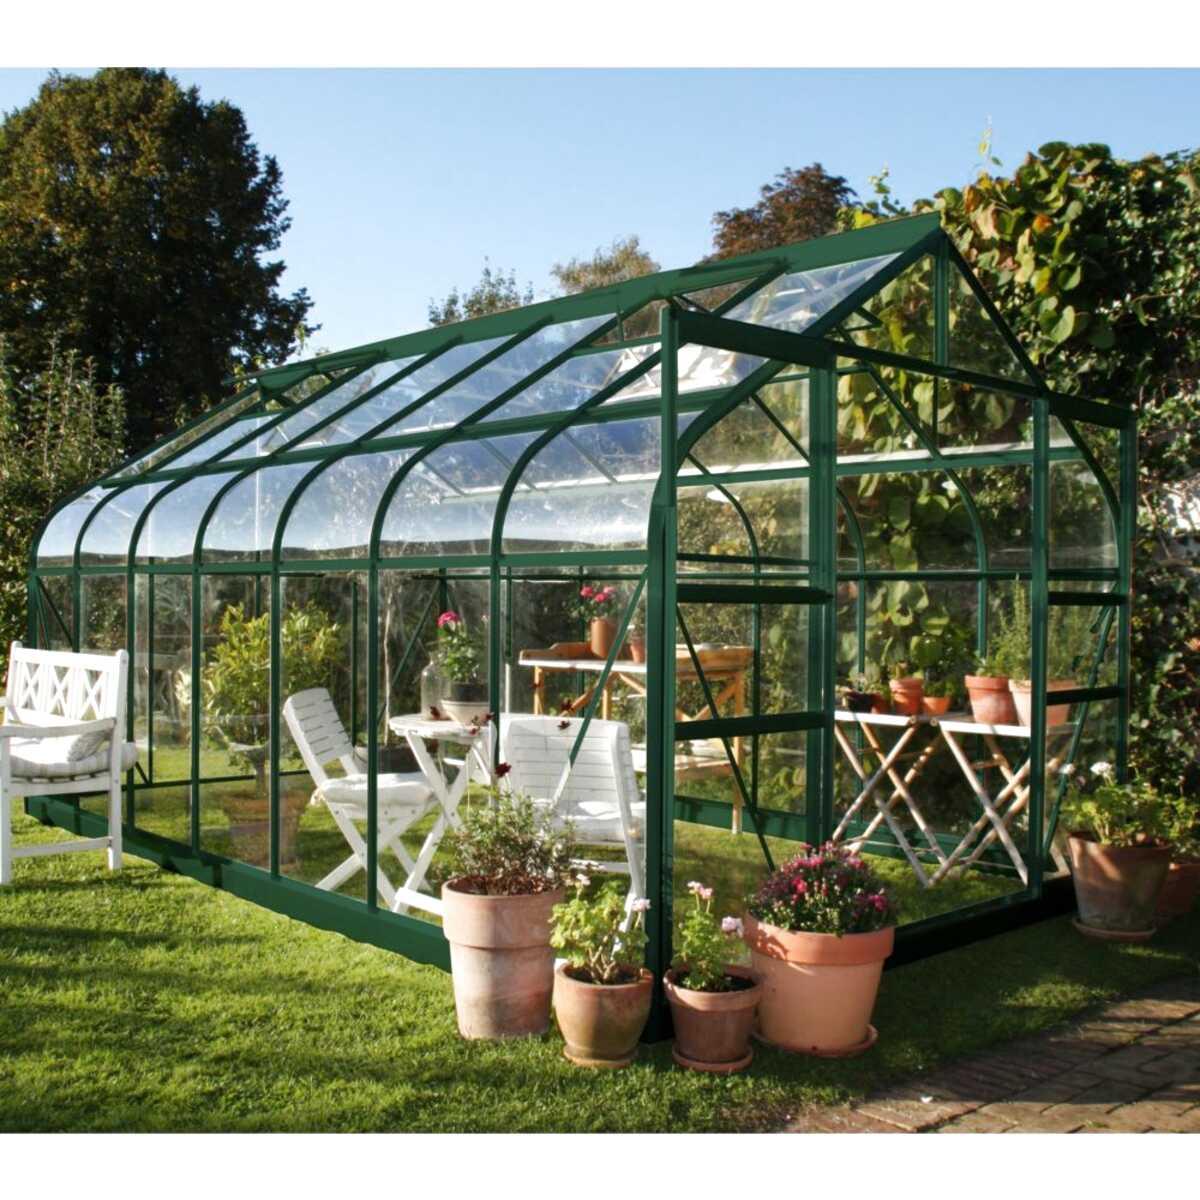 Serre Jardin D'occasion En Belgique (53 Annonces) concernant Serre De Jardin Occasion